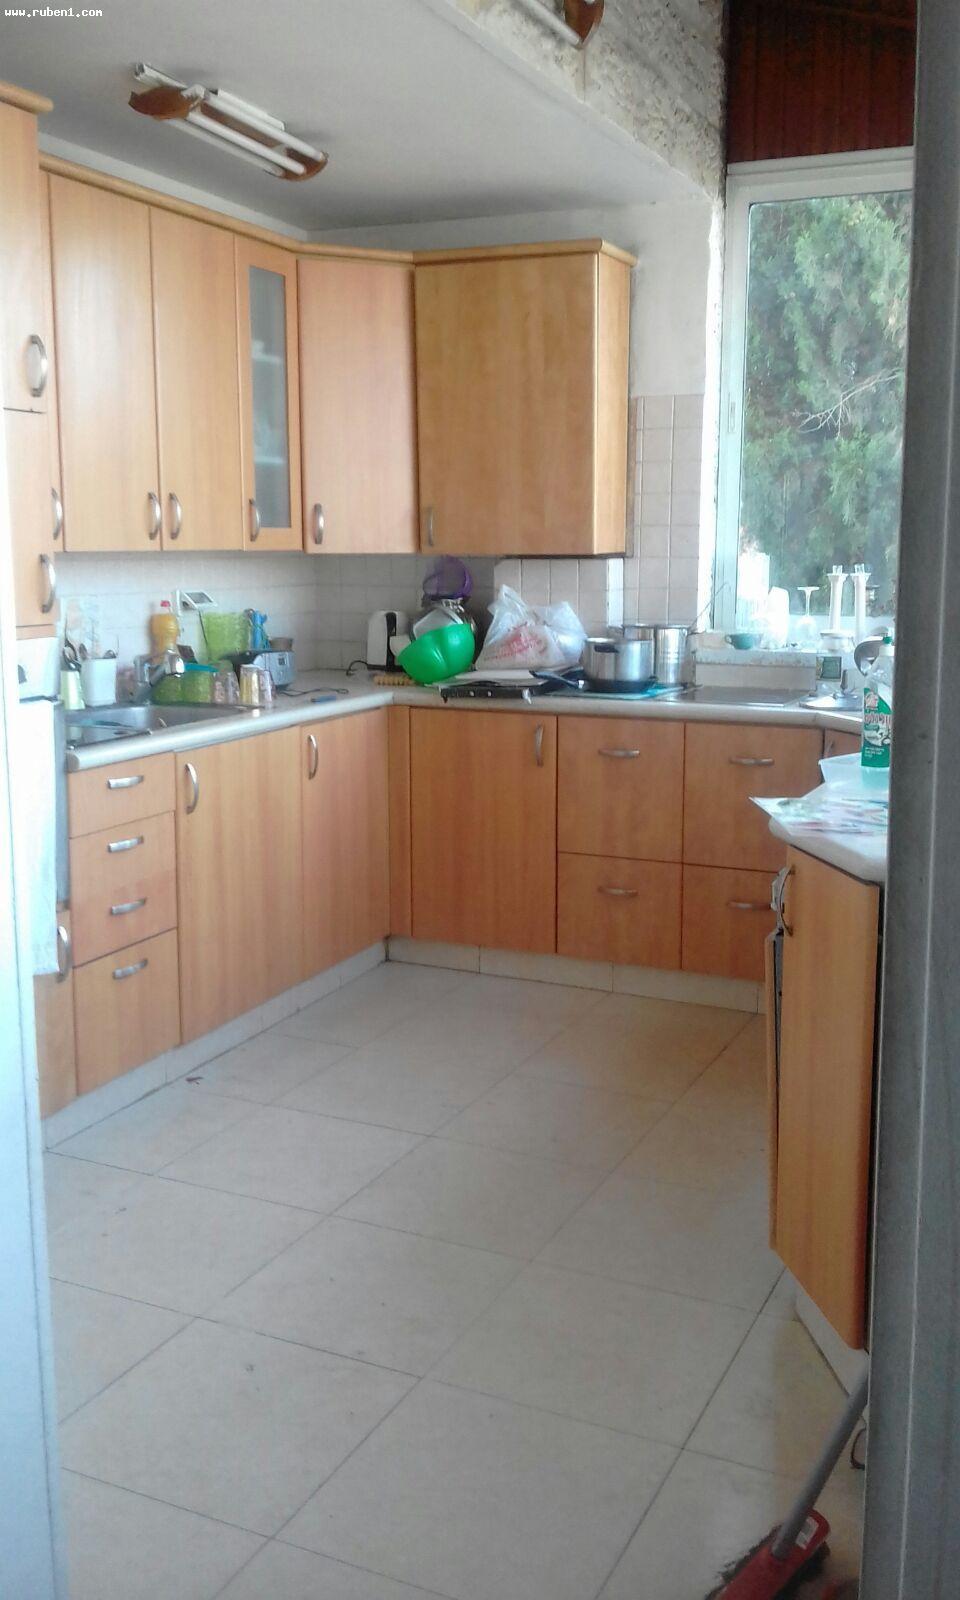 Real Estate Israel - Jerusalem Bayit Vagan דירה מהממת, מרווחת ומוארת, מרפסת גדולה עם נוף עוצר... Rubens Real Estate